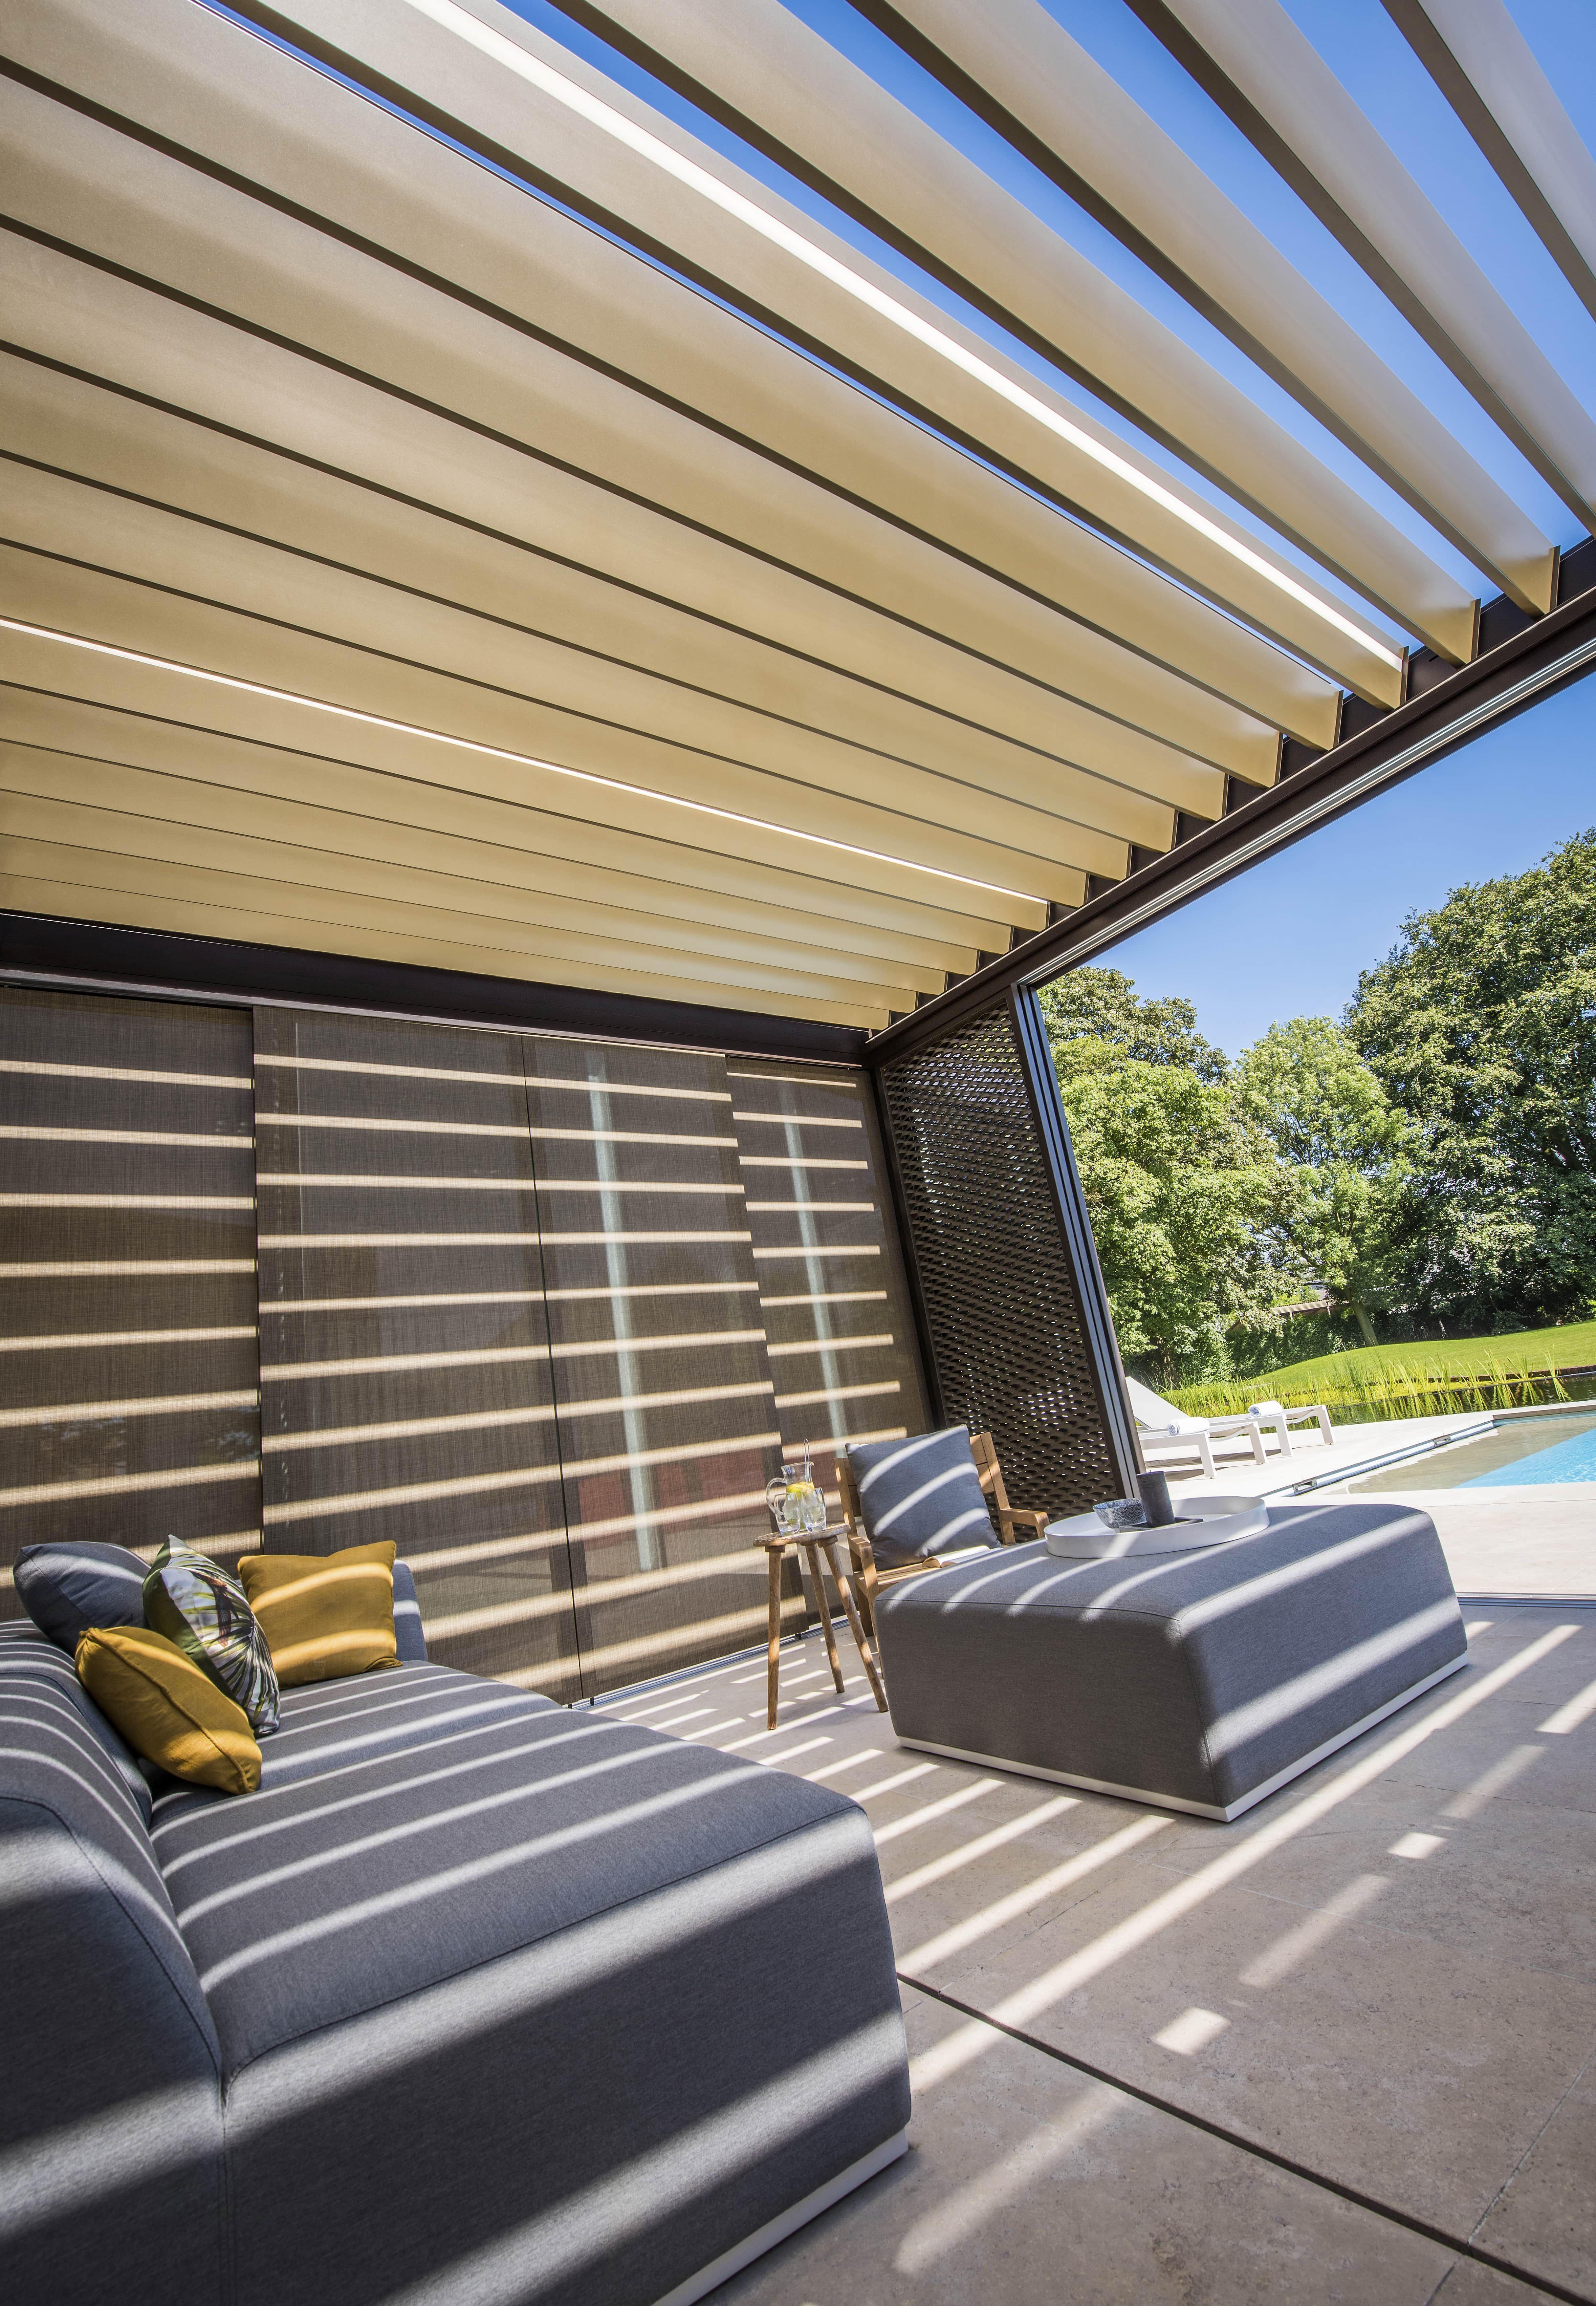 Superb Gem tliche Terrasse mit Loungem beln und Lamellendach